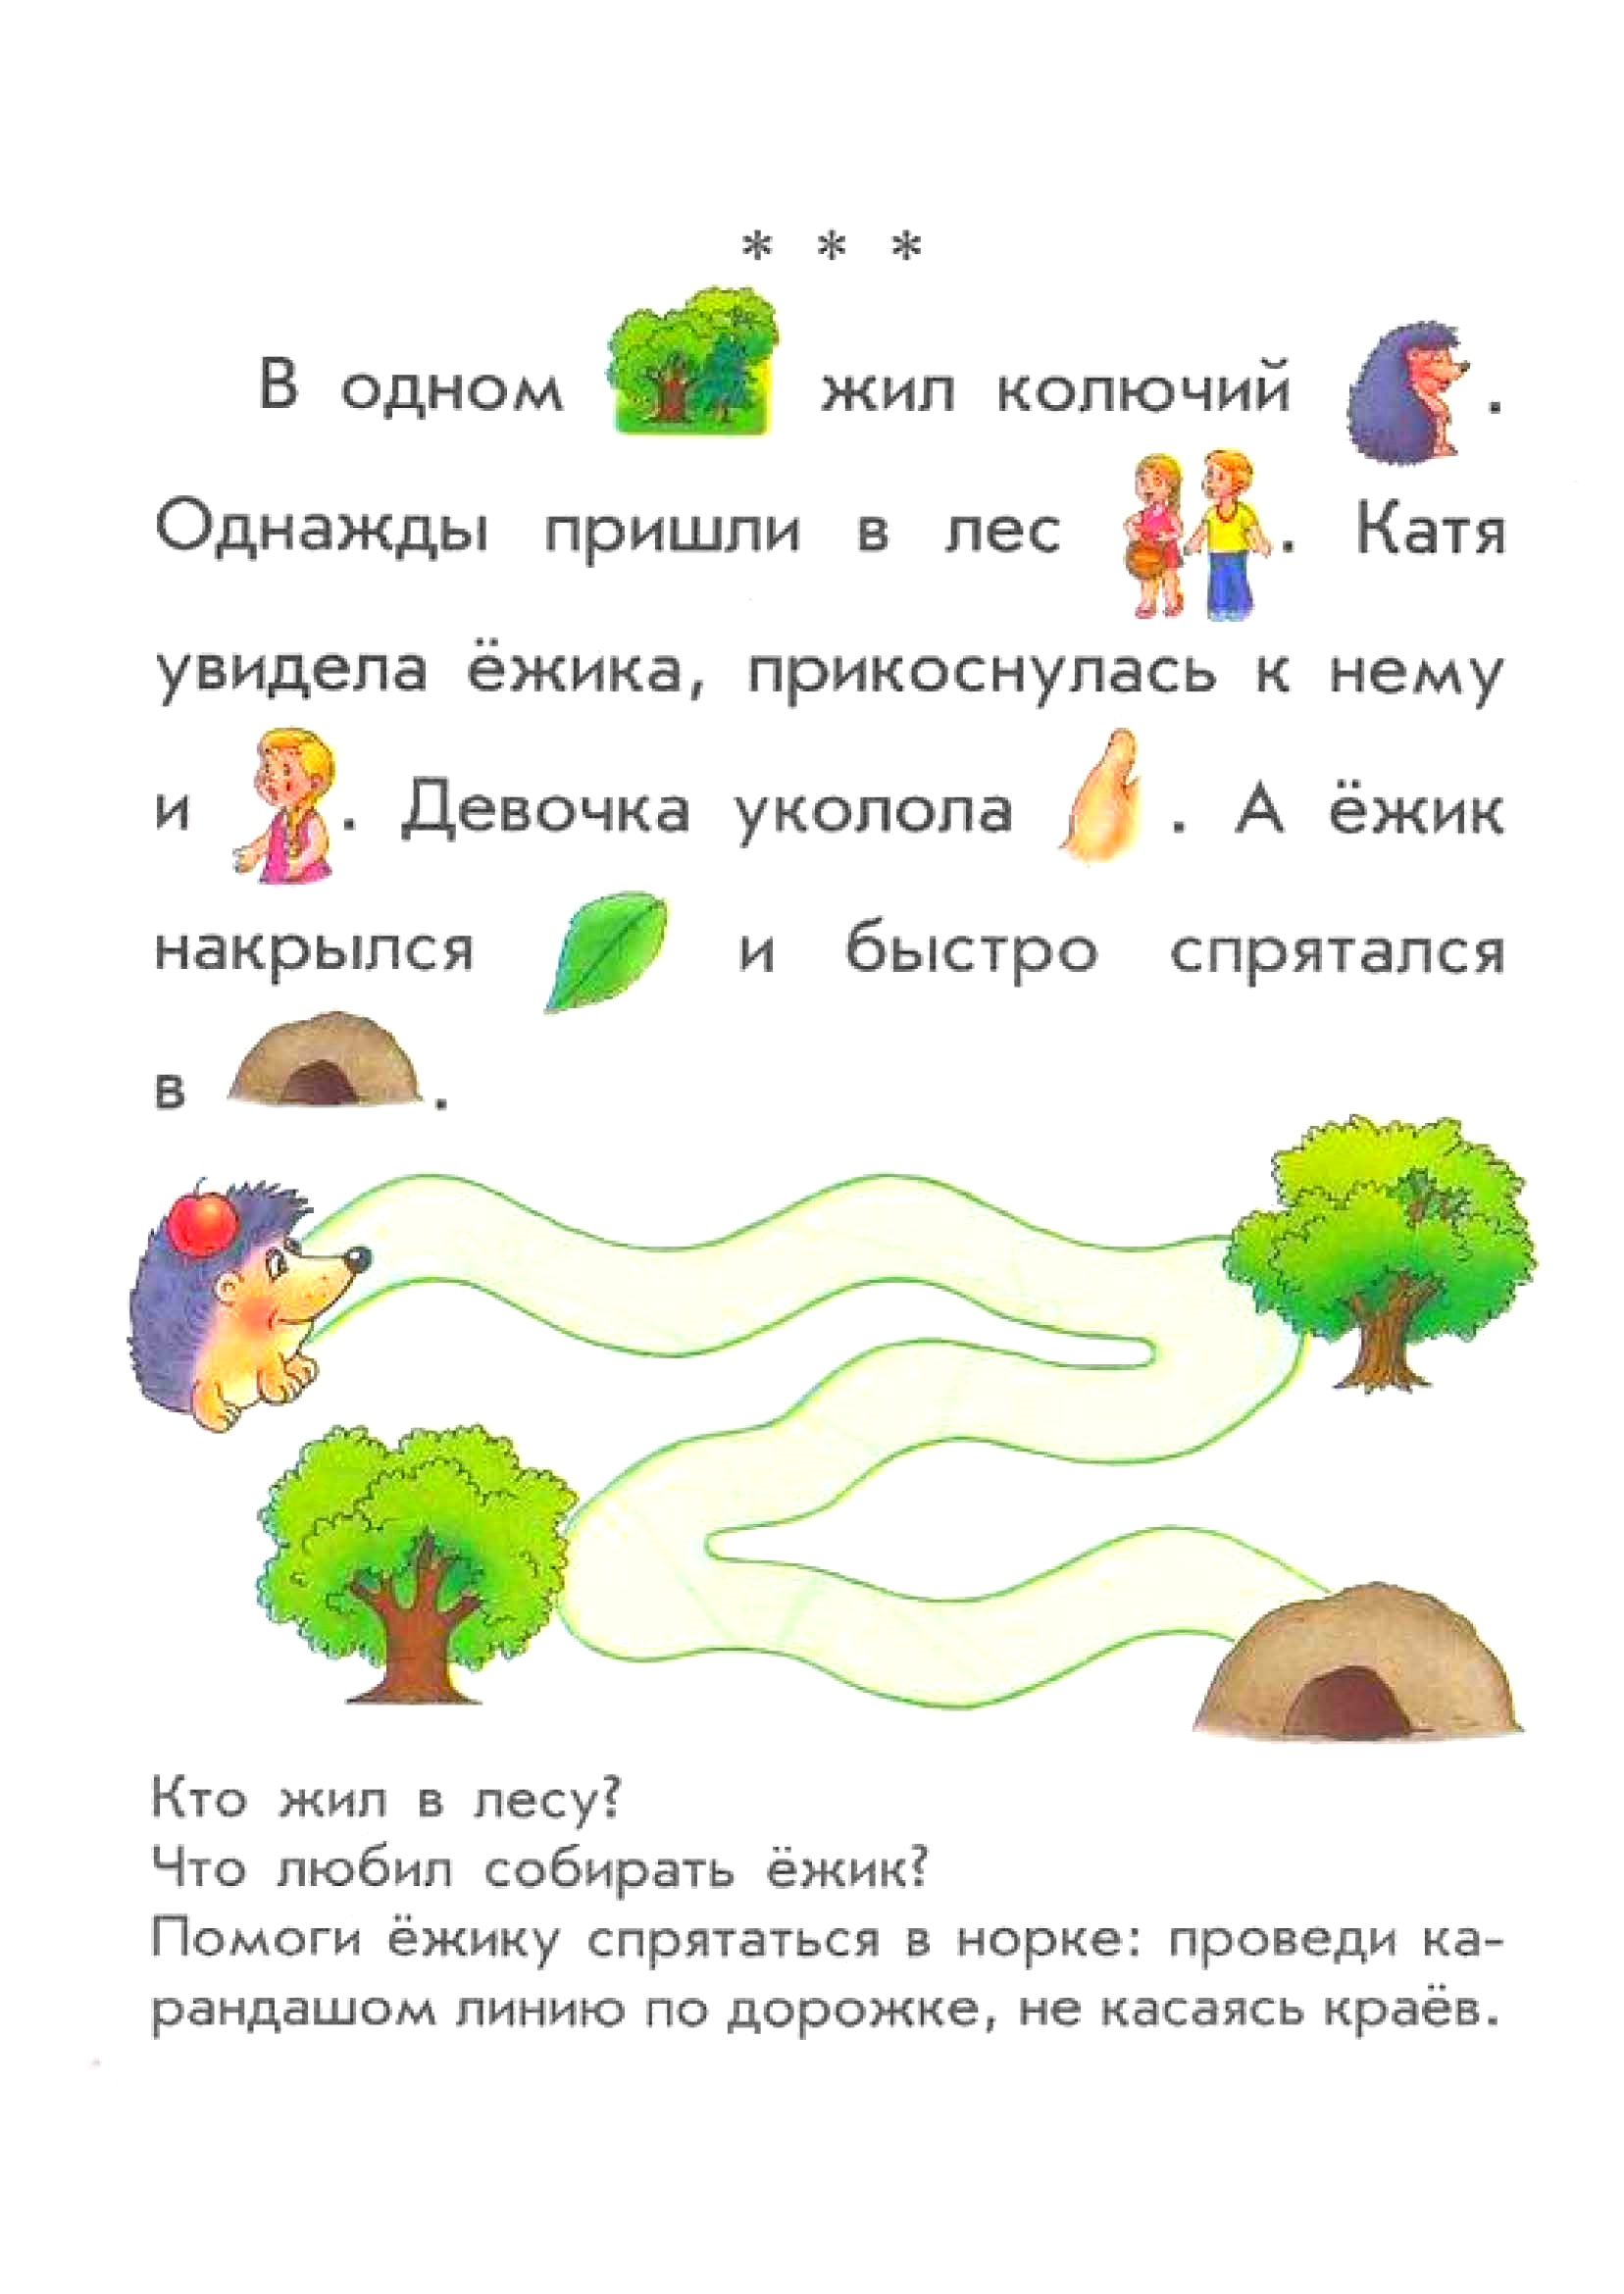 Текст с картинками 2